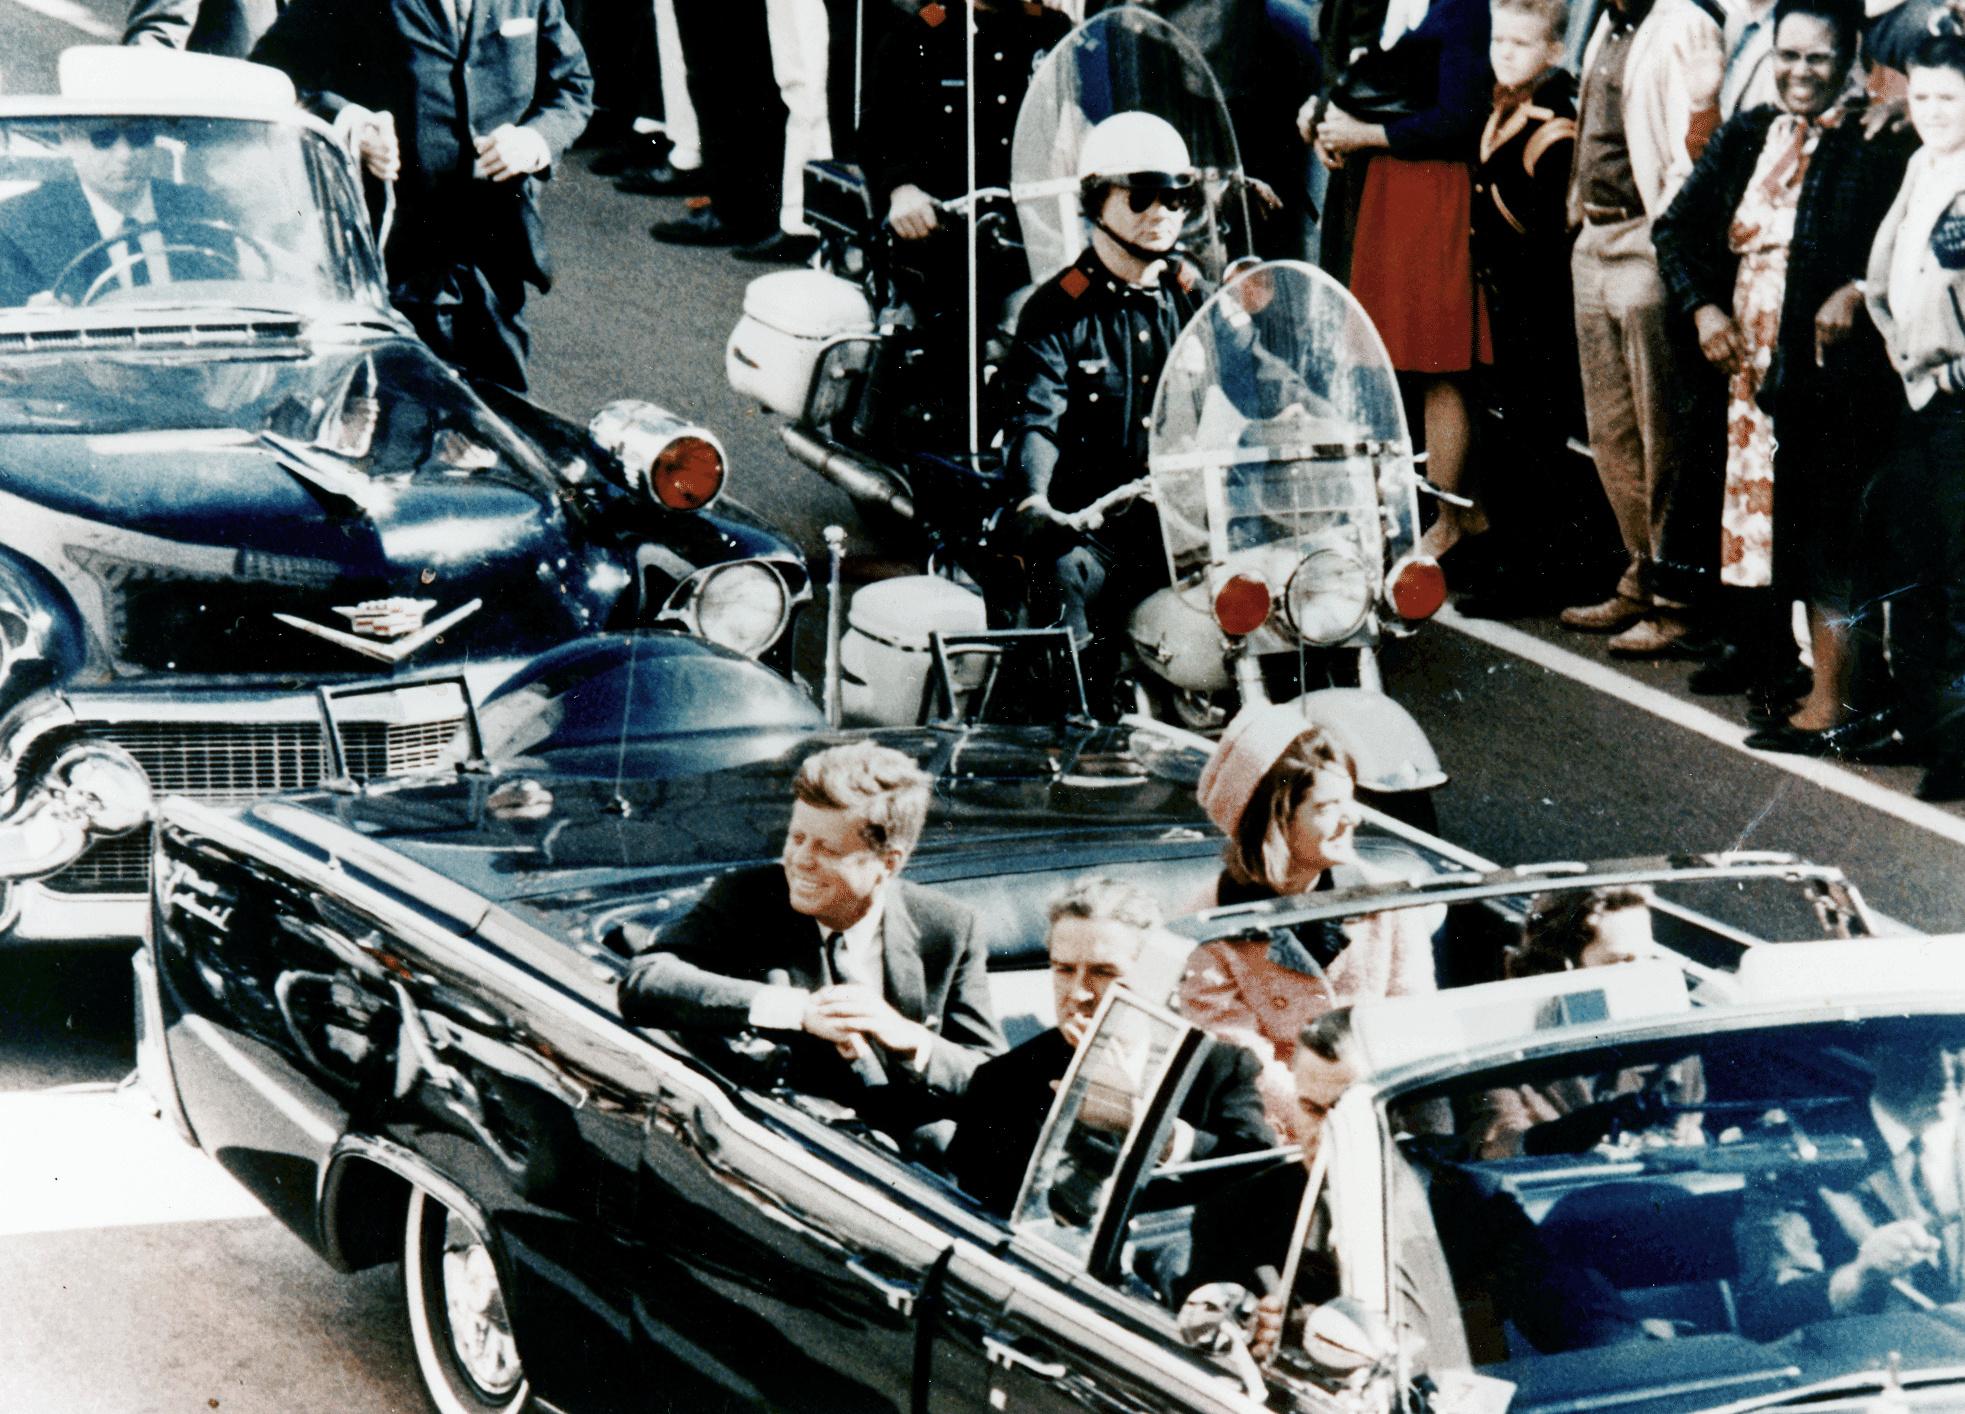 Джон Кеннеди со своей женой в лимузине за несколько минут до рокового выстрела. Фото: Hohum/wikipedia.org/ public domain